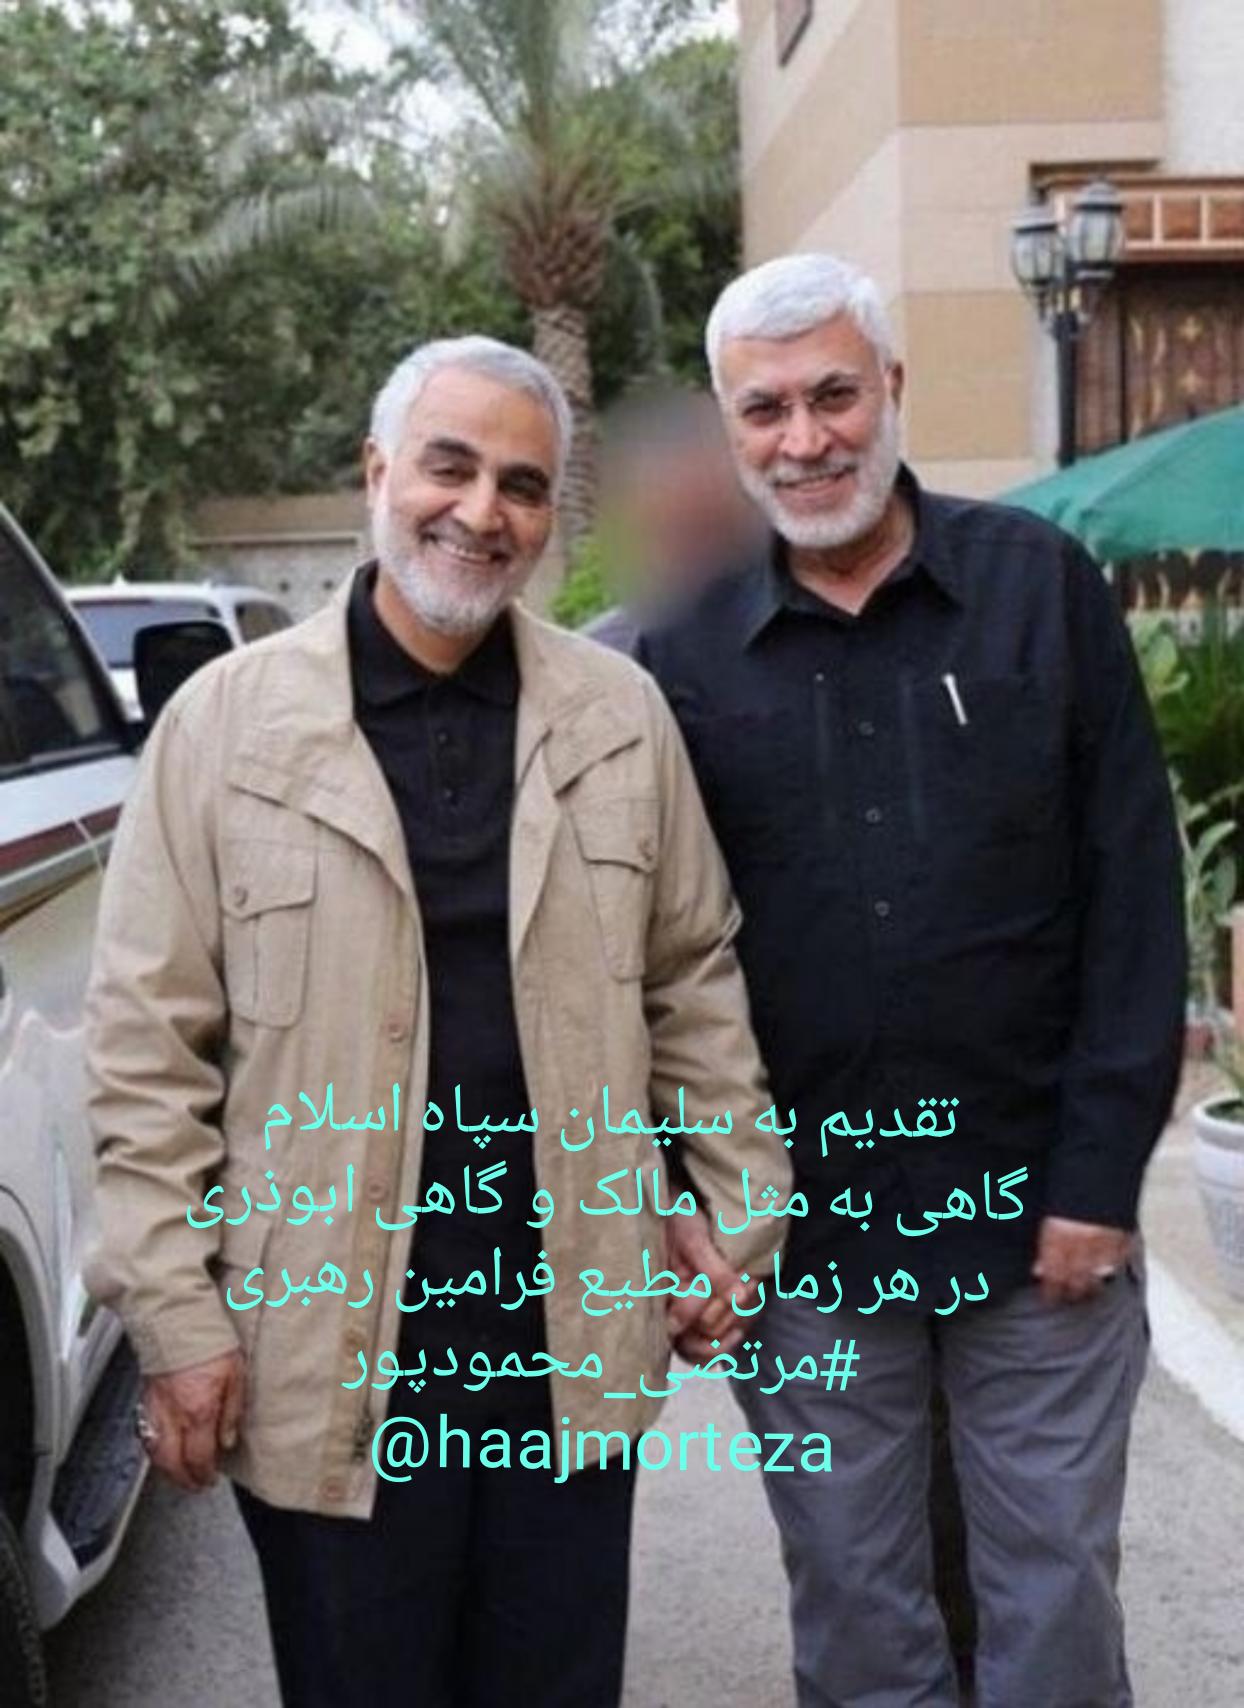 شهید حاج قاسم سلیمانی زائر حرمین شریفین شد(از کاظمین و کرببلا تا رسیدهای)